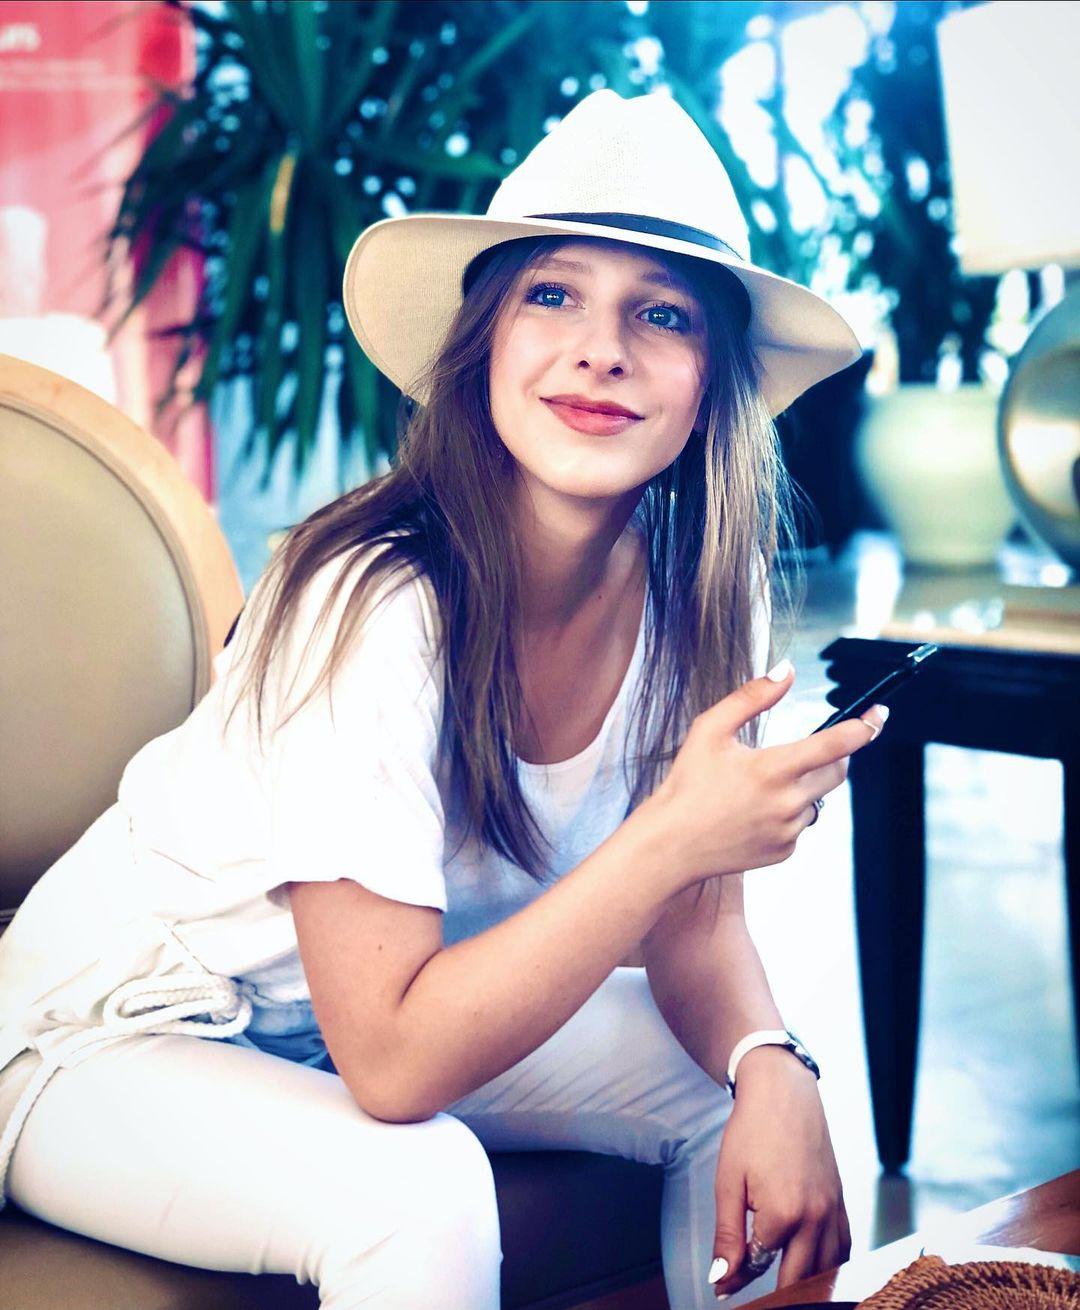 Лизе Арзамасовой досталось от хейтеров за слишком мамский блог